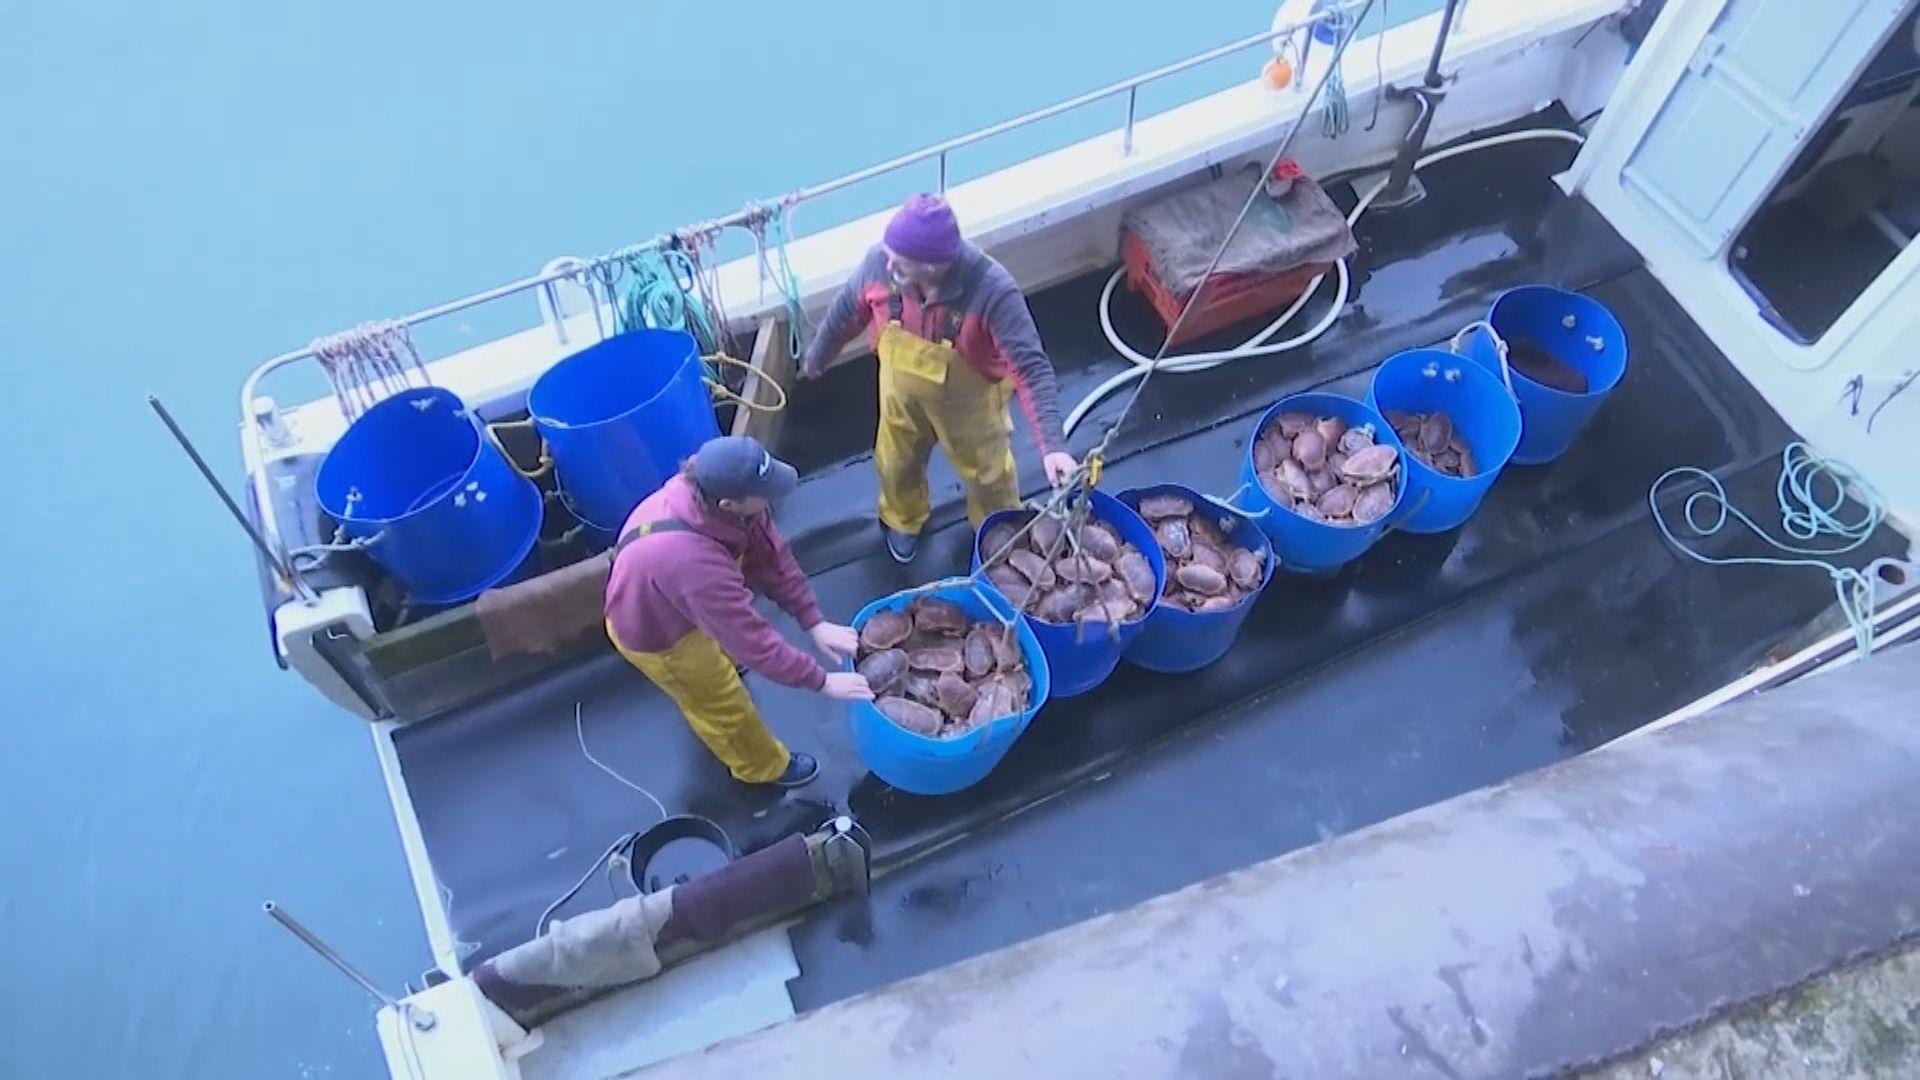 據報英方同意在捕魚權讓步 打破脫歐貿談僵局